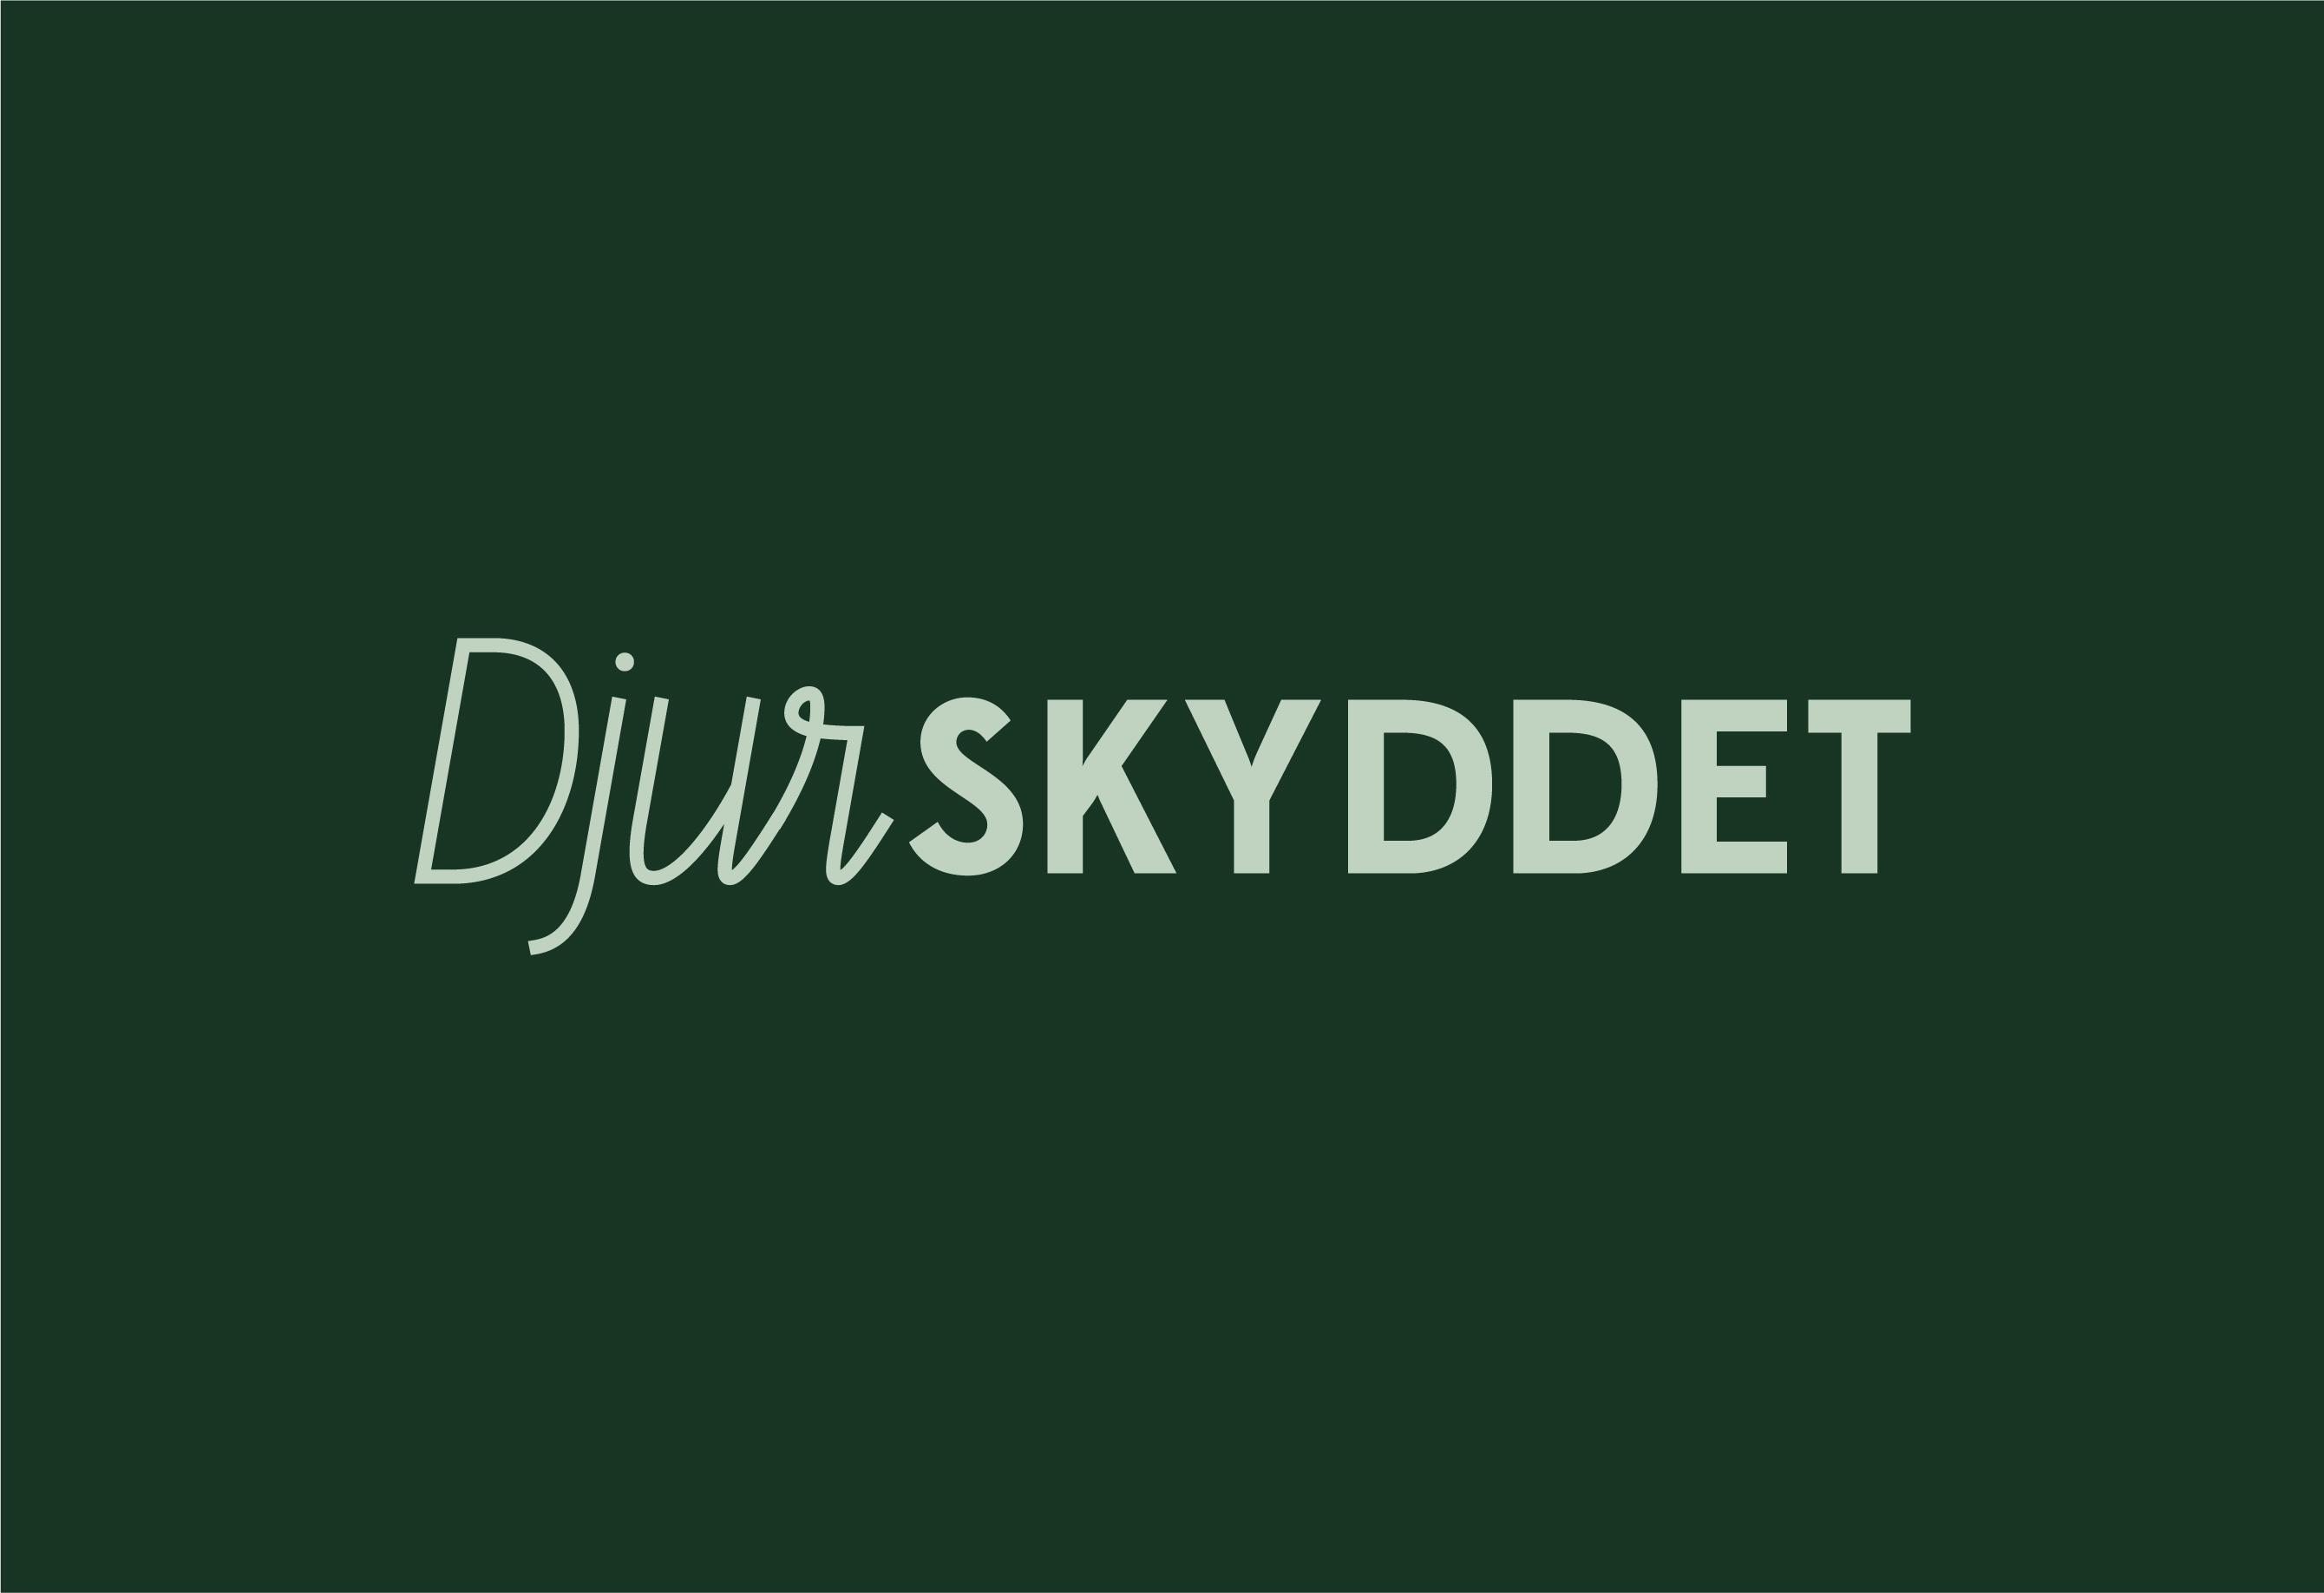 DJURSKYDDET